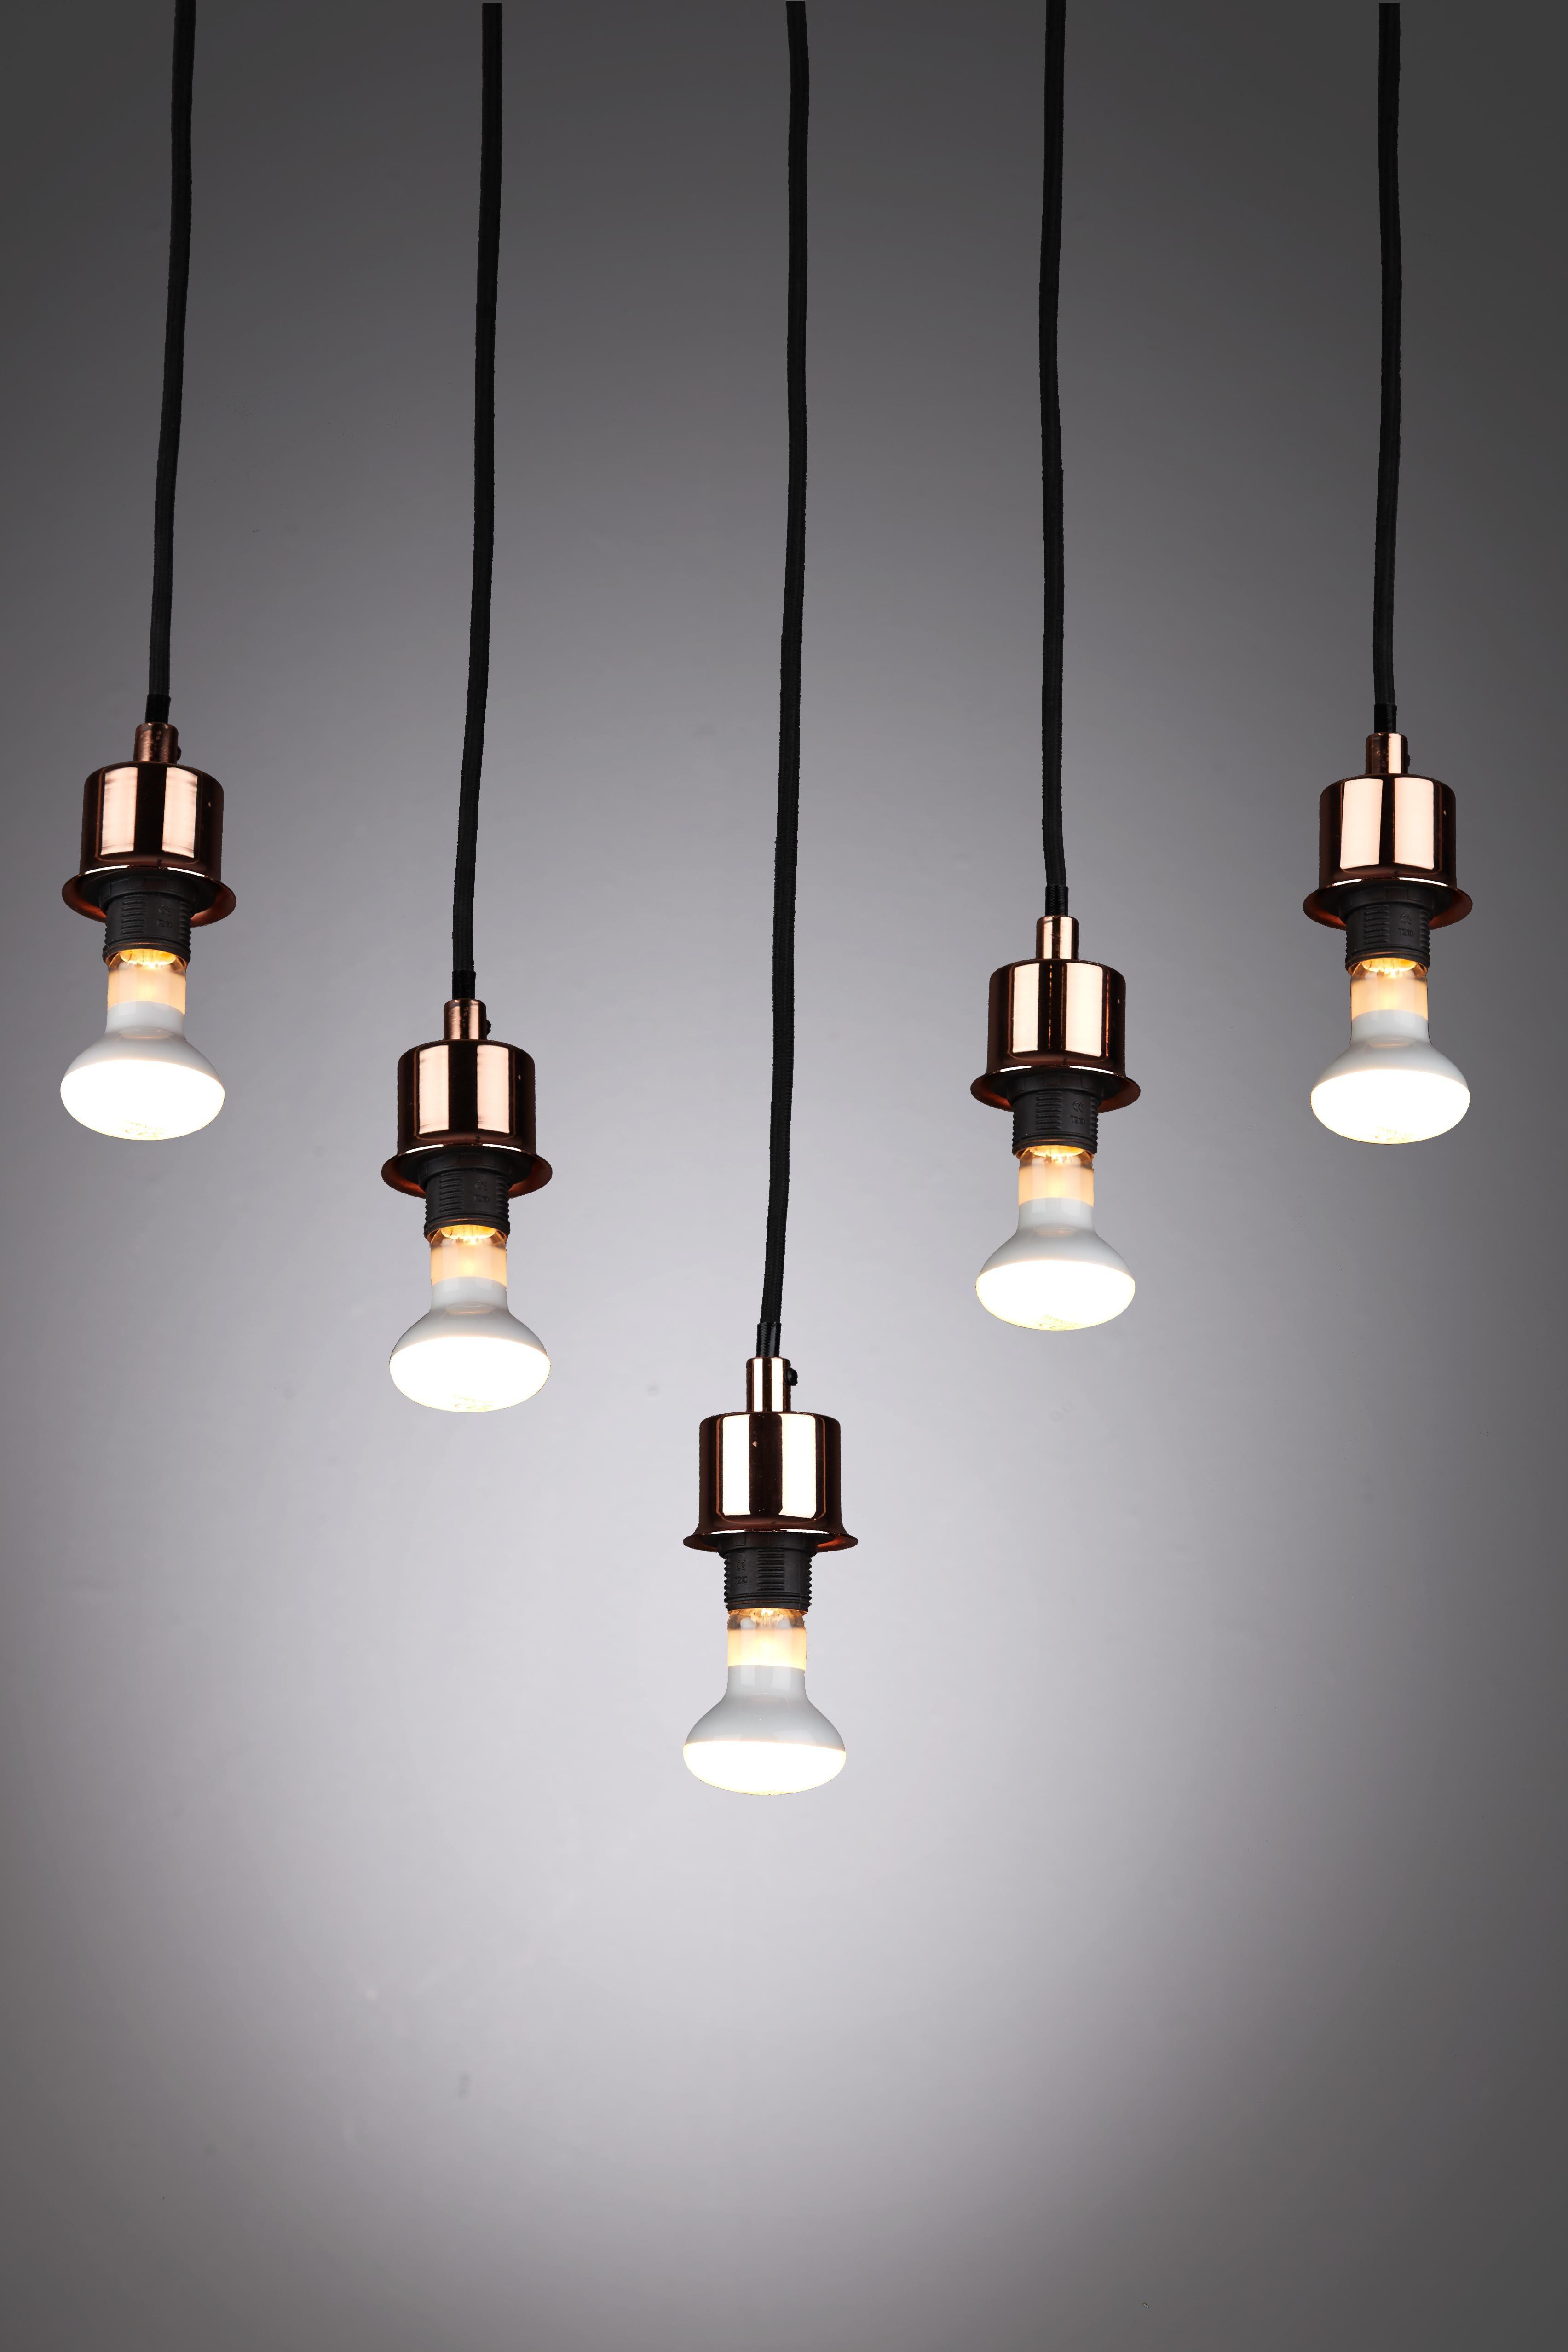 Die Glühbirne ist zurück! In Skandinavien schon gesehen - bringen ...